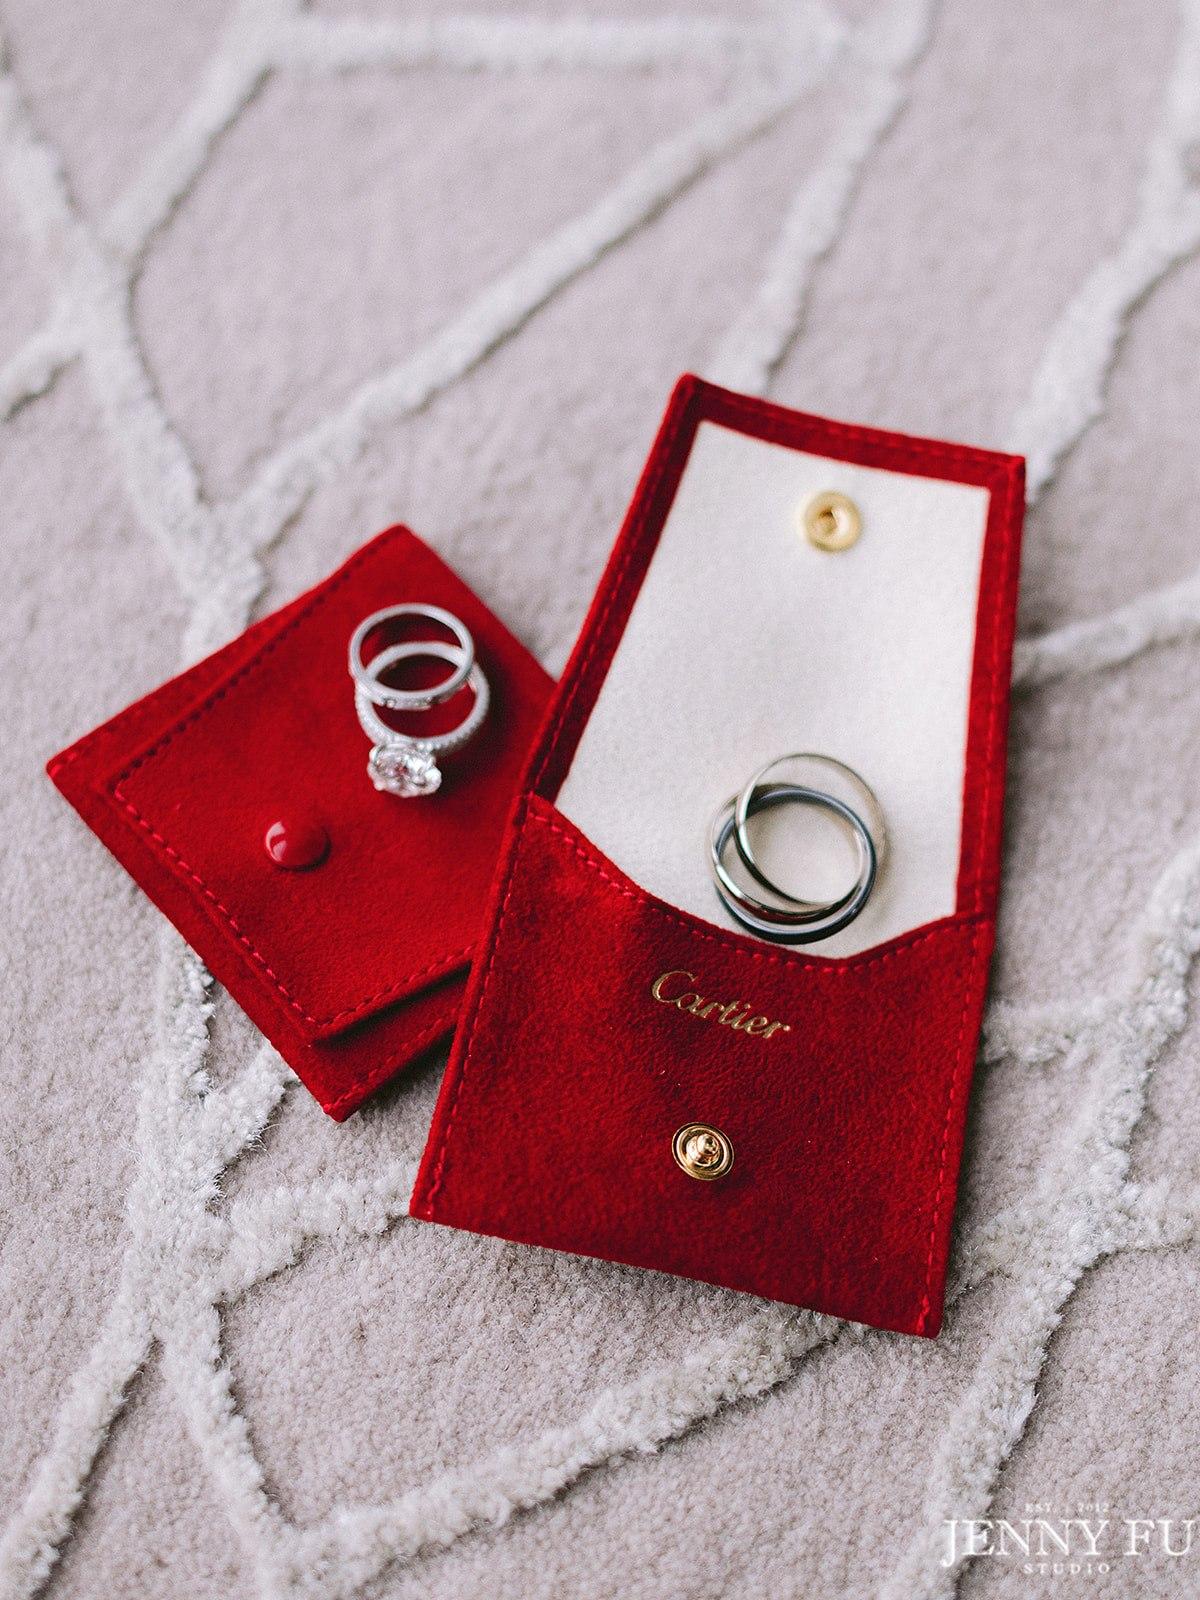 Cartier wedding ring detail shot